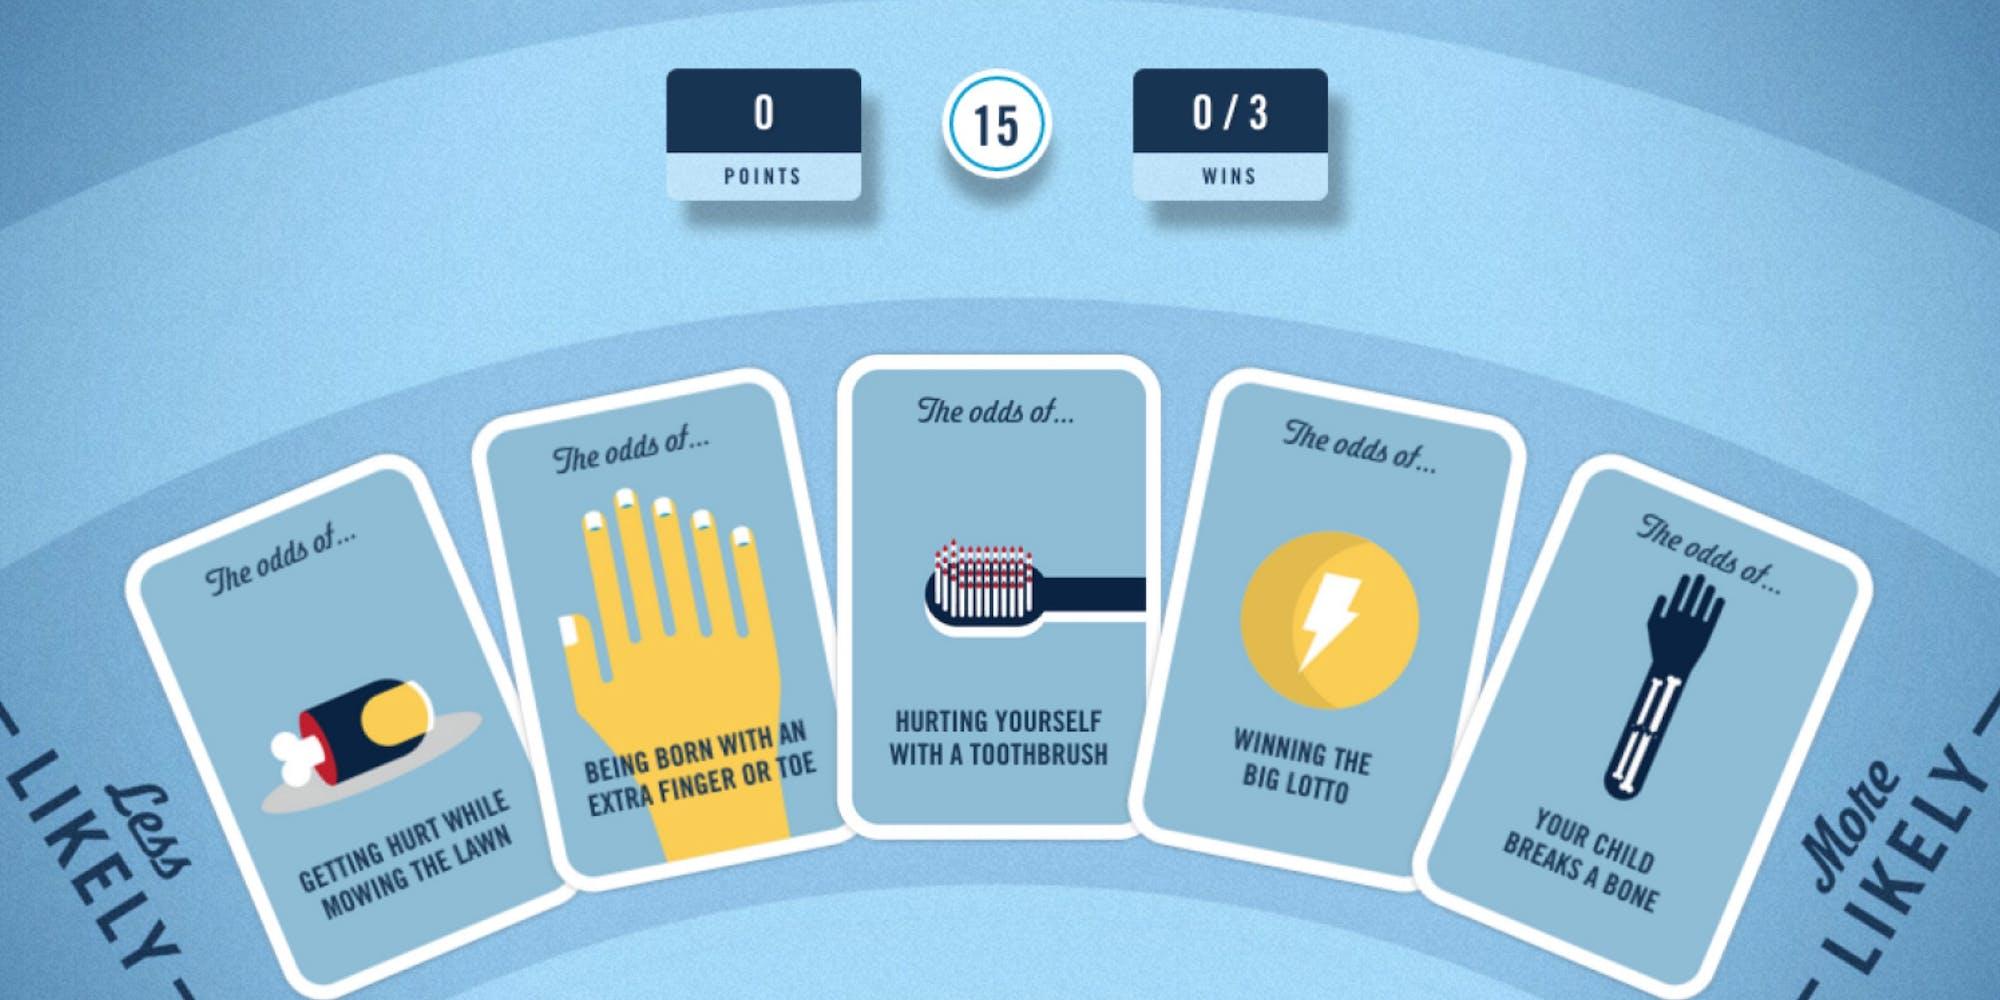 https://images.prismic.io/useallfive/ZmE3ODU5OWMtYzA5Yi00MzBiLTk0YjItYTA4ZWEzMGYzYjY4_01-game-of-odds-card-game-play.jpg?auto=compress,format&rect=0,0,3840,1920&w=3840&h=1920